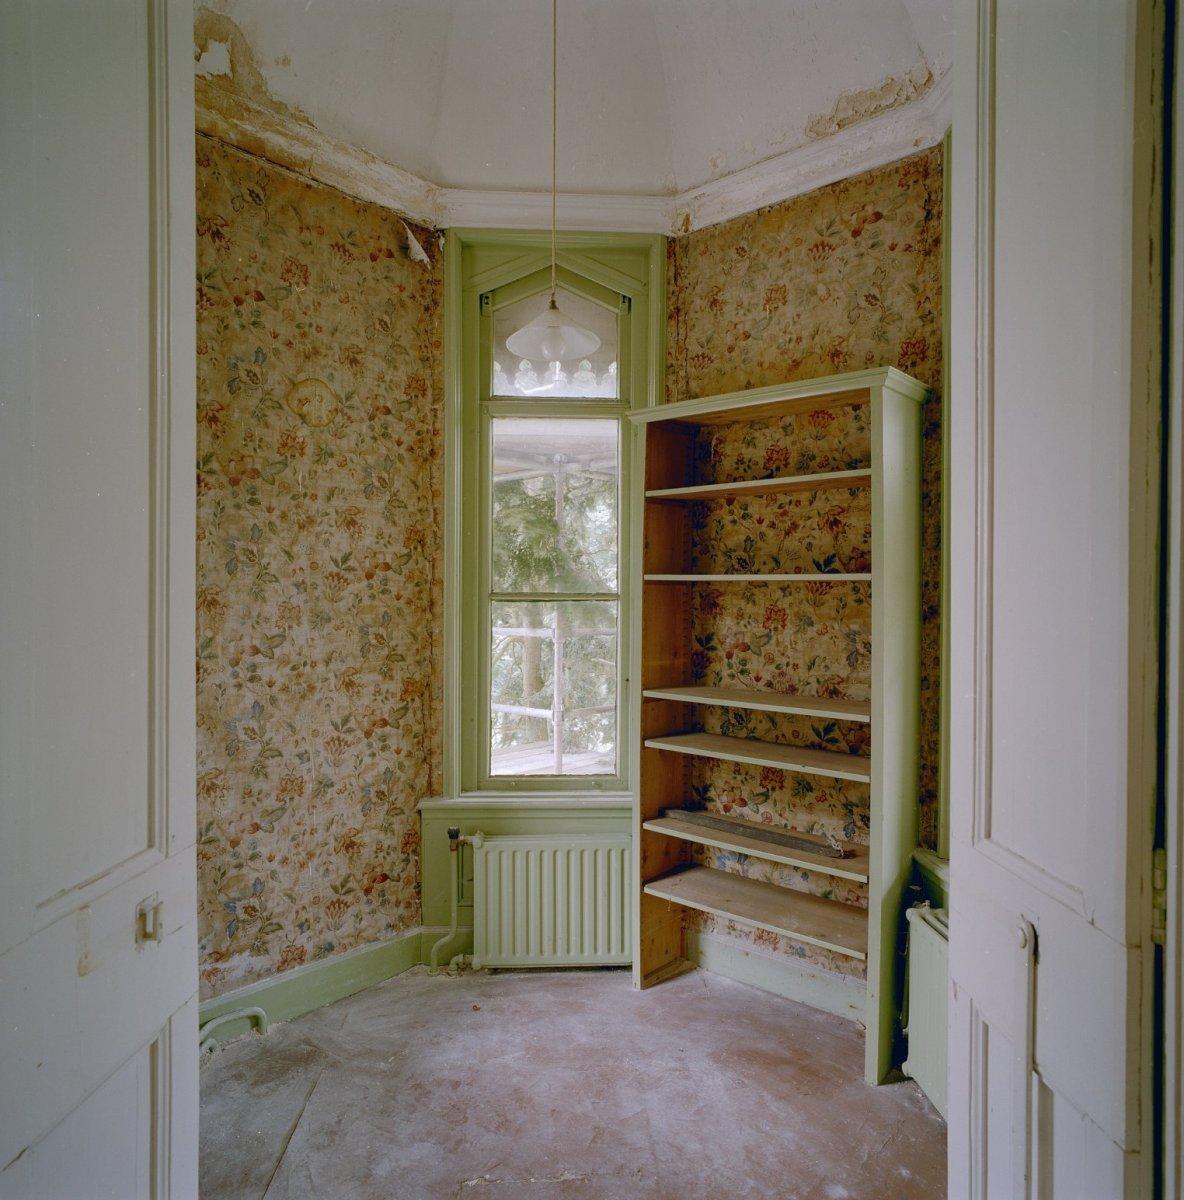 File:Interieur, eerste verdieping, torenkamer met bloemetjes behang ...